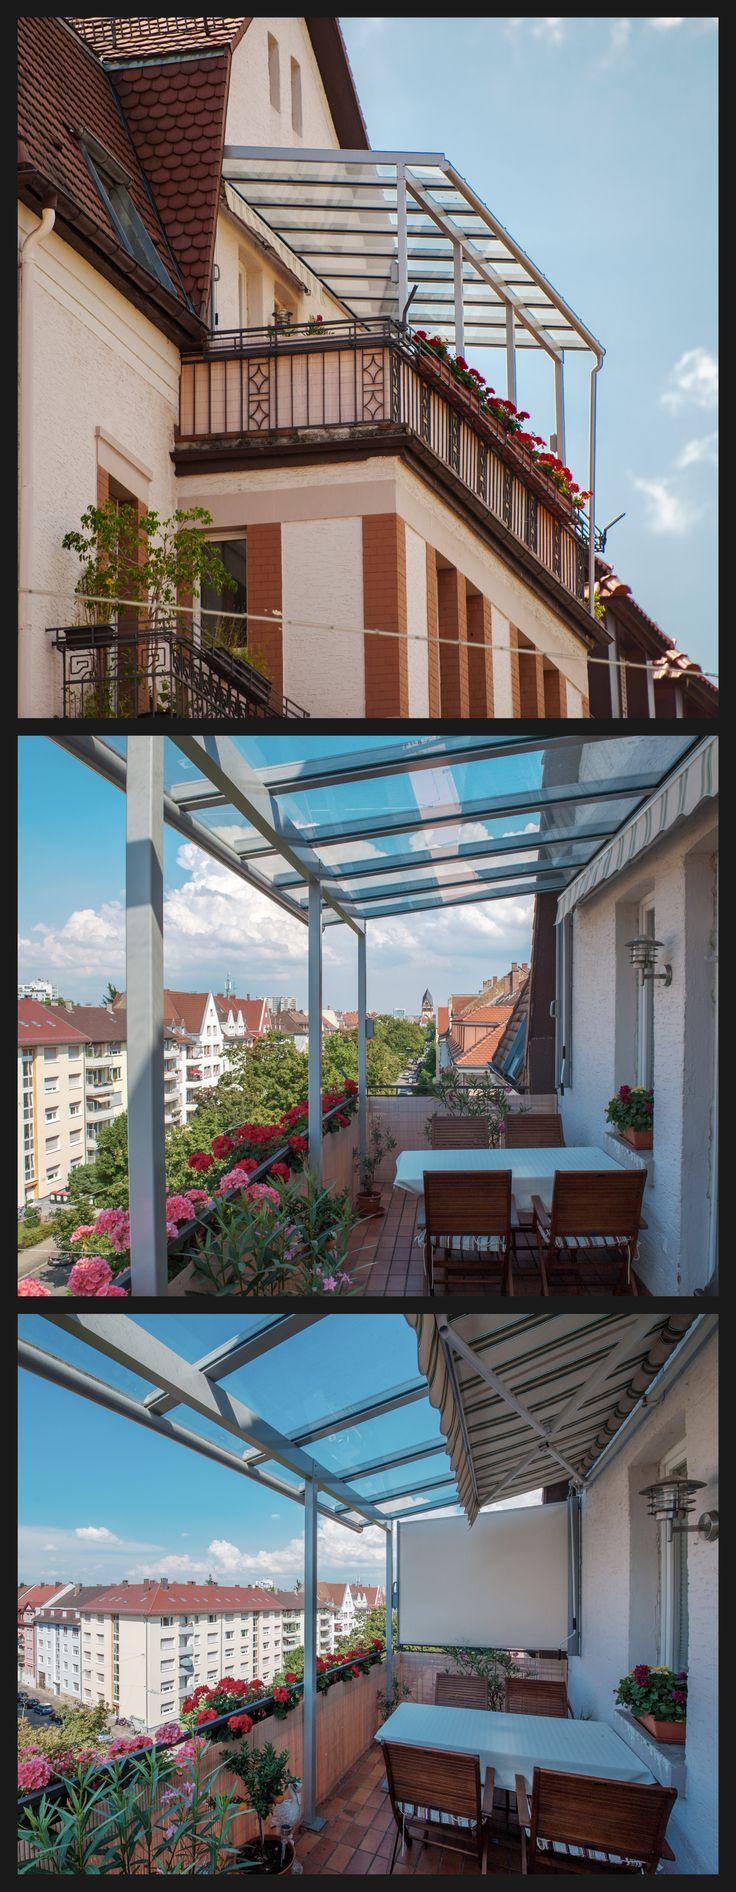 inspirierende patio ideen frischen luft – massdents, Wohnzimmer dekoo